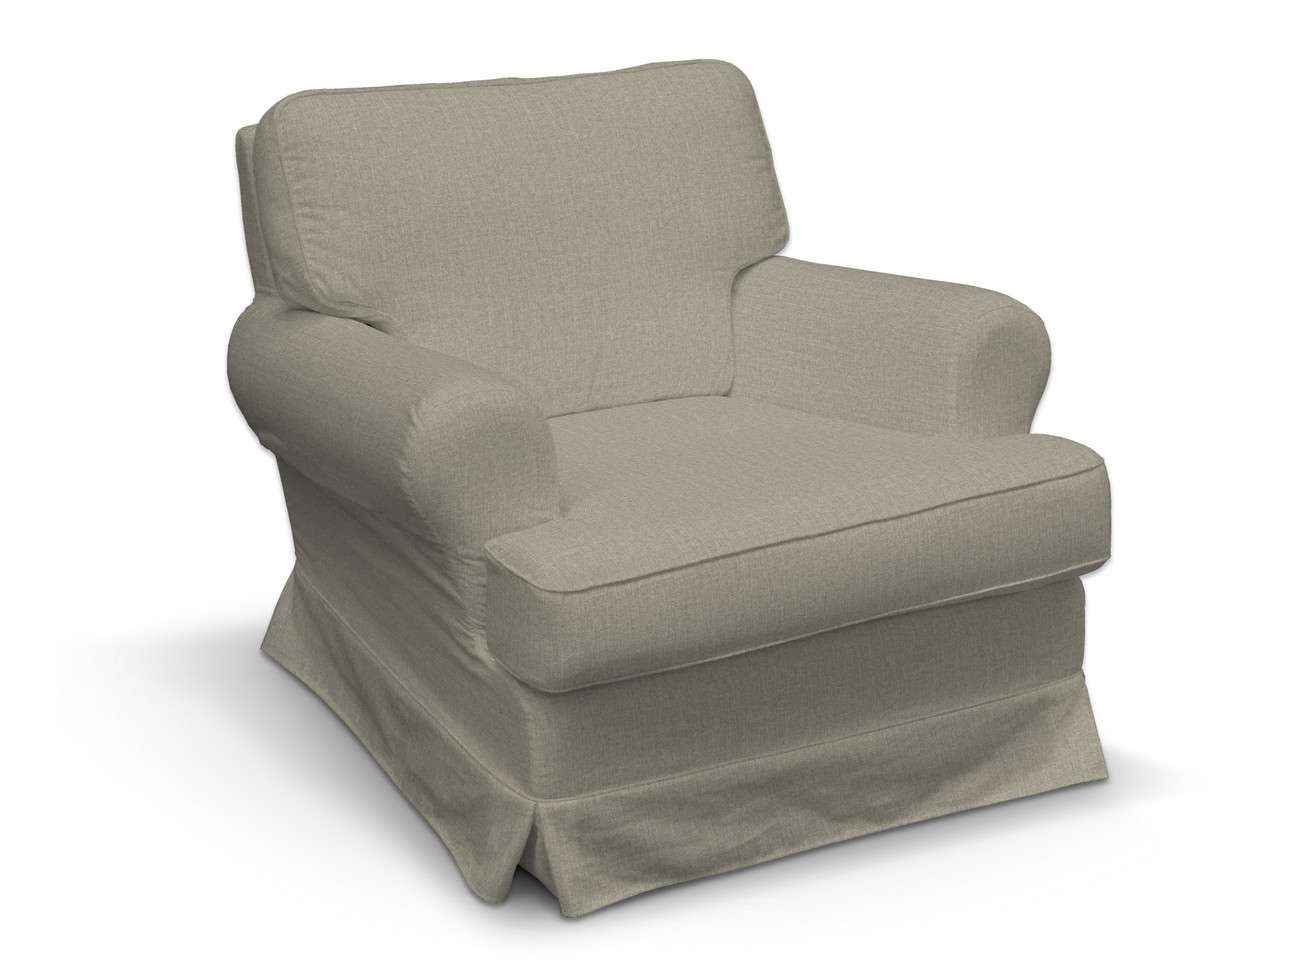 Pokrowiec na fotel Barkaby w kolekcji City, tkanina: 704-80